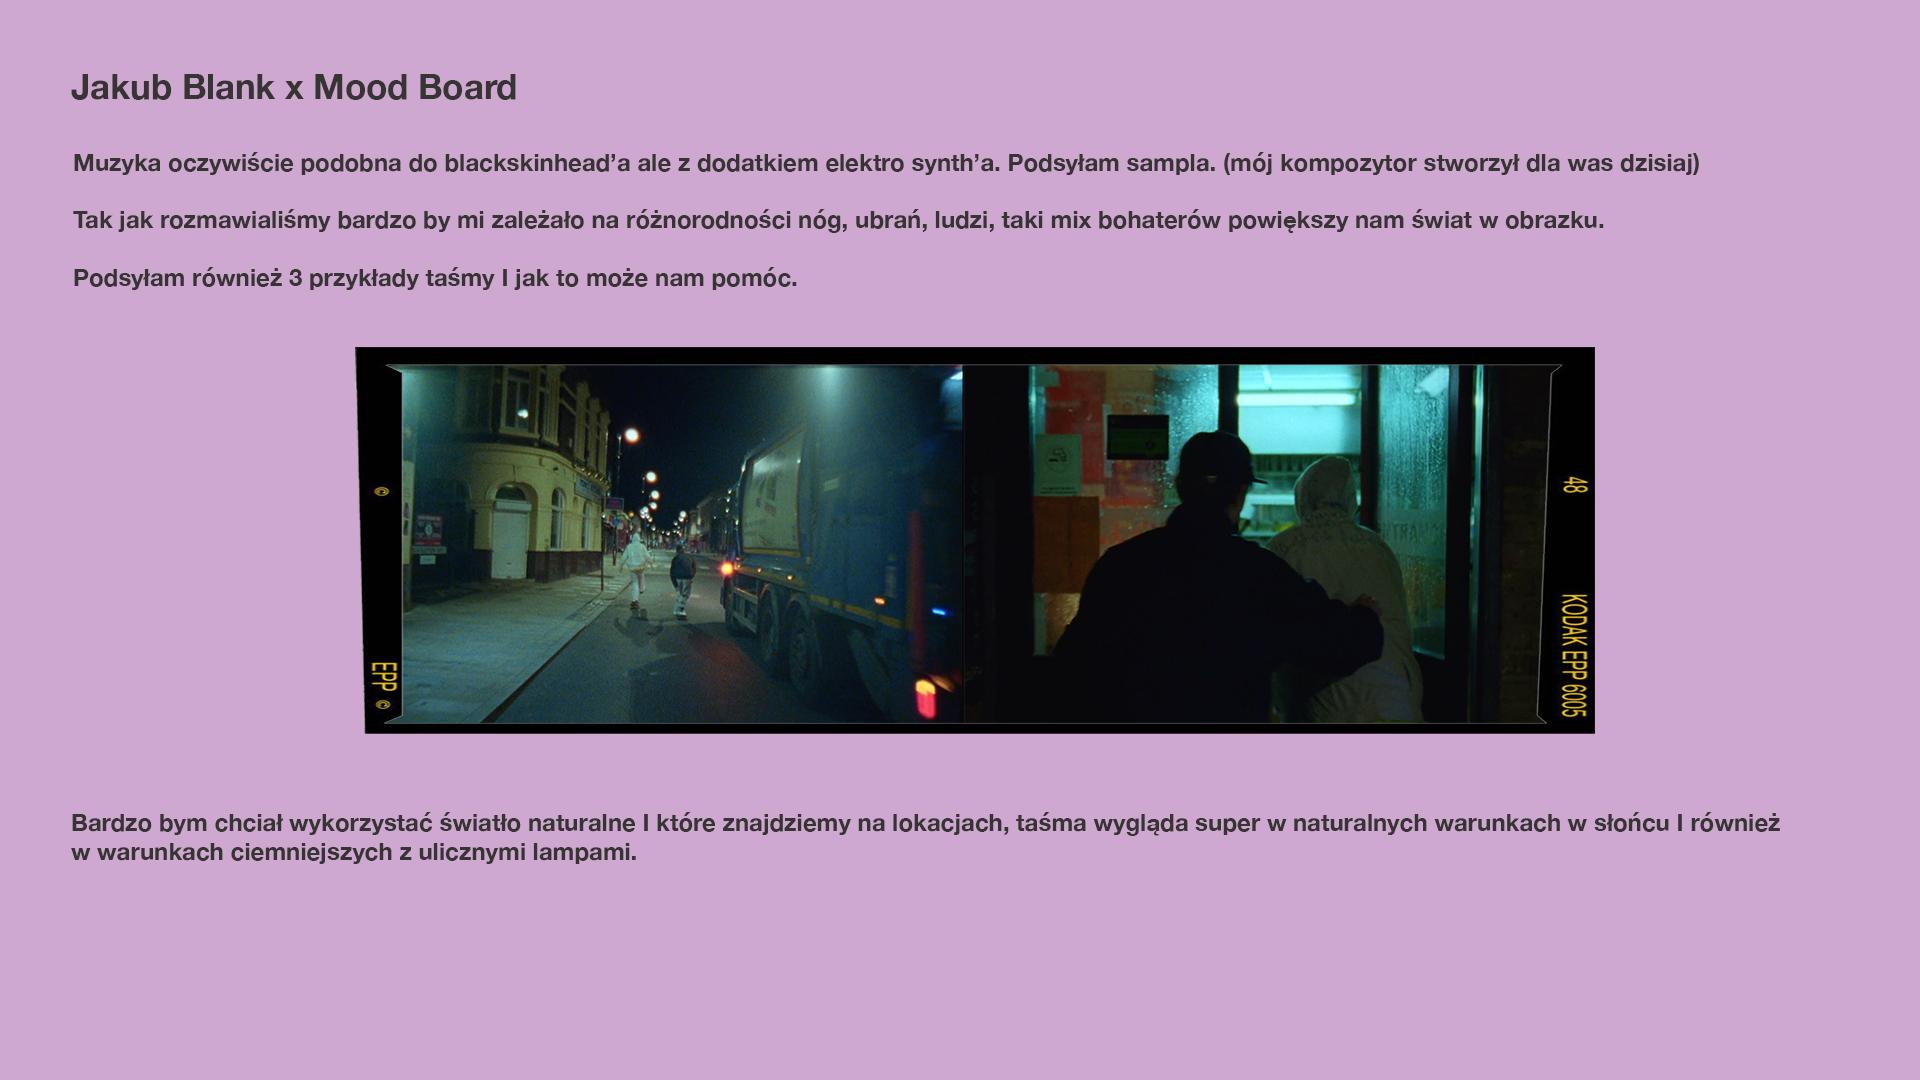 GOING_MOODArtboard 1 copy 4.jpg